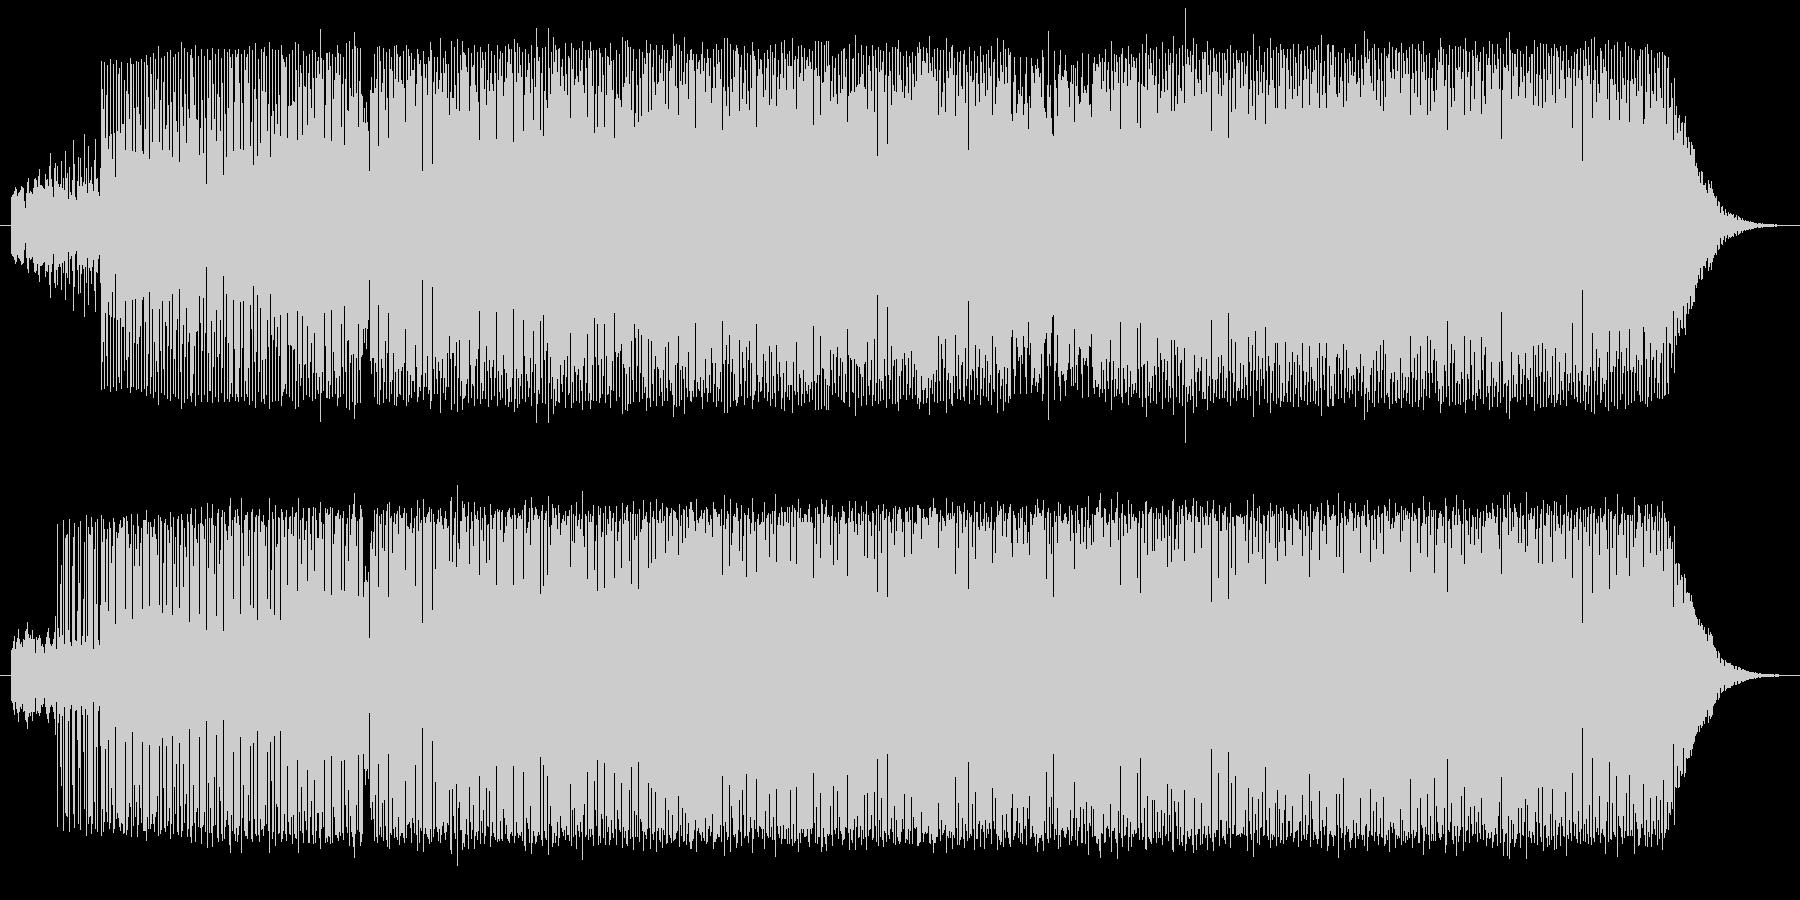 Piano Deep Houseの未再生の波形